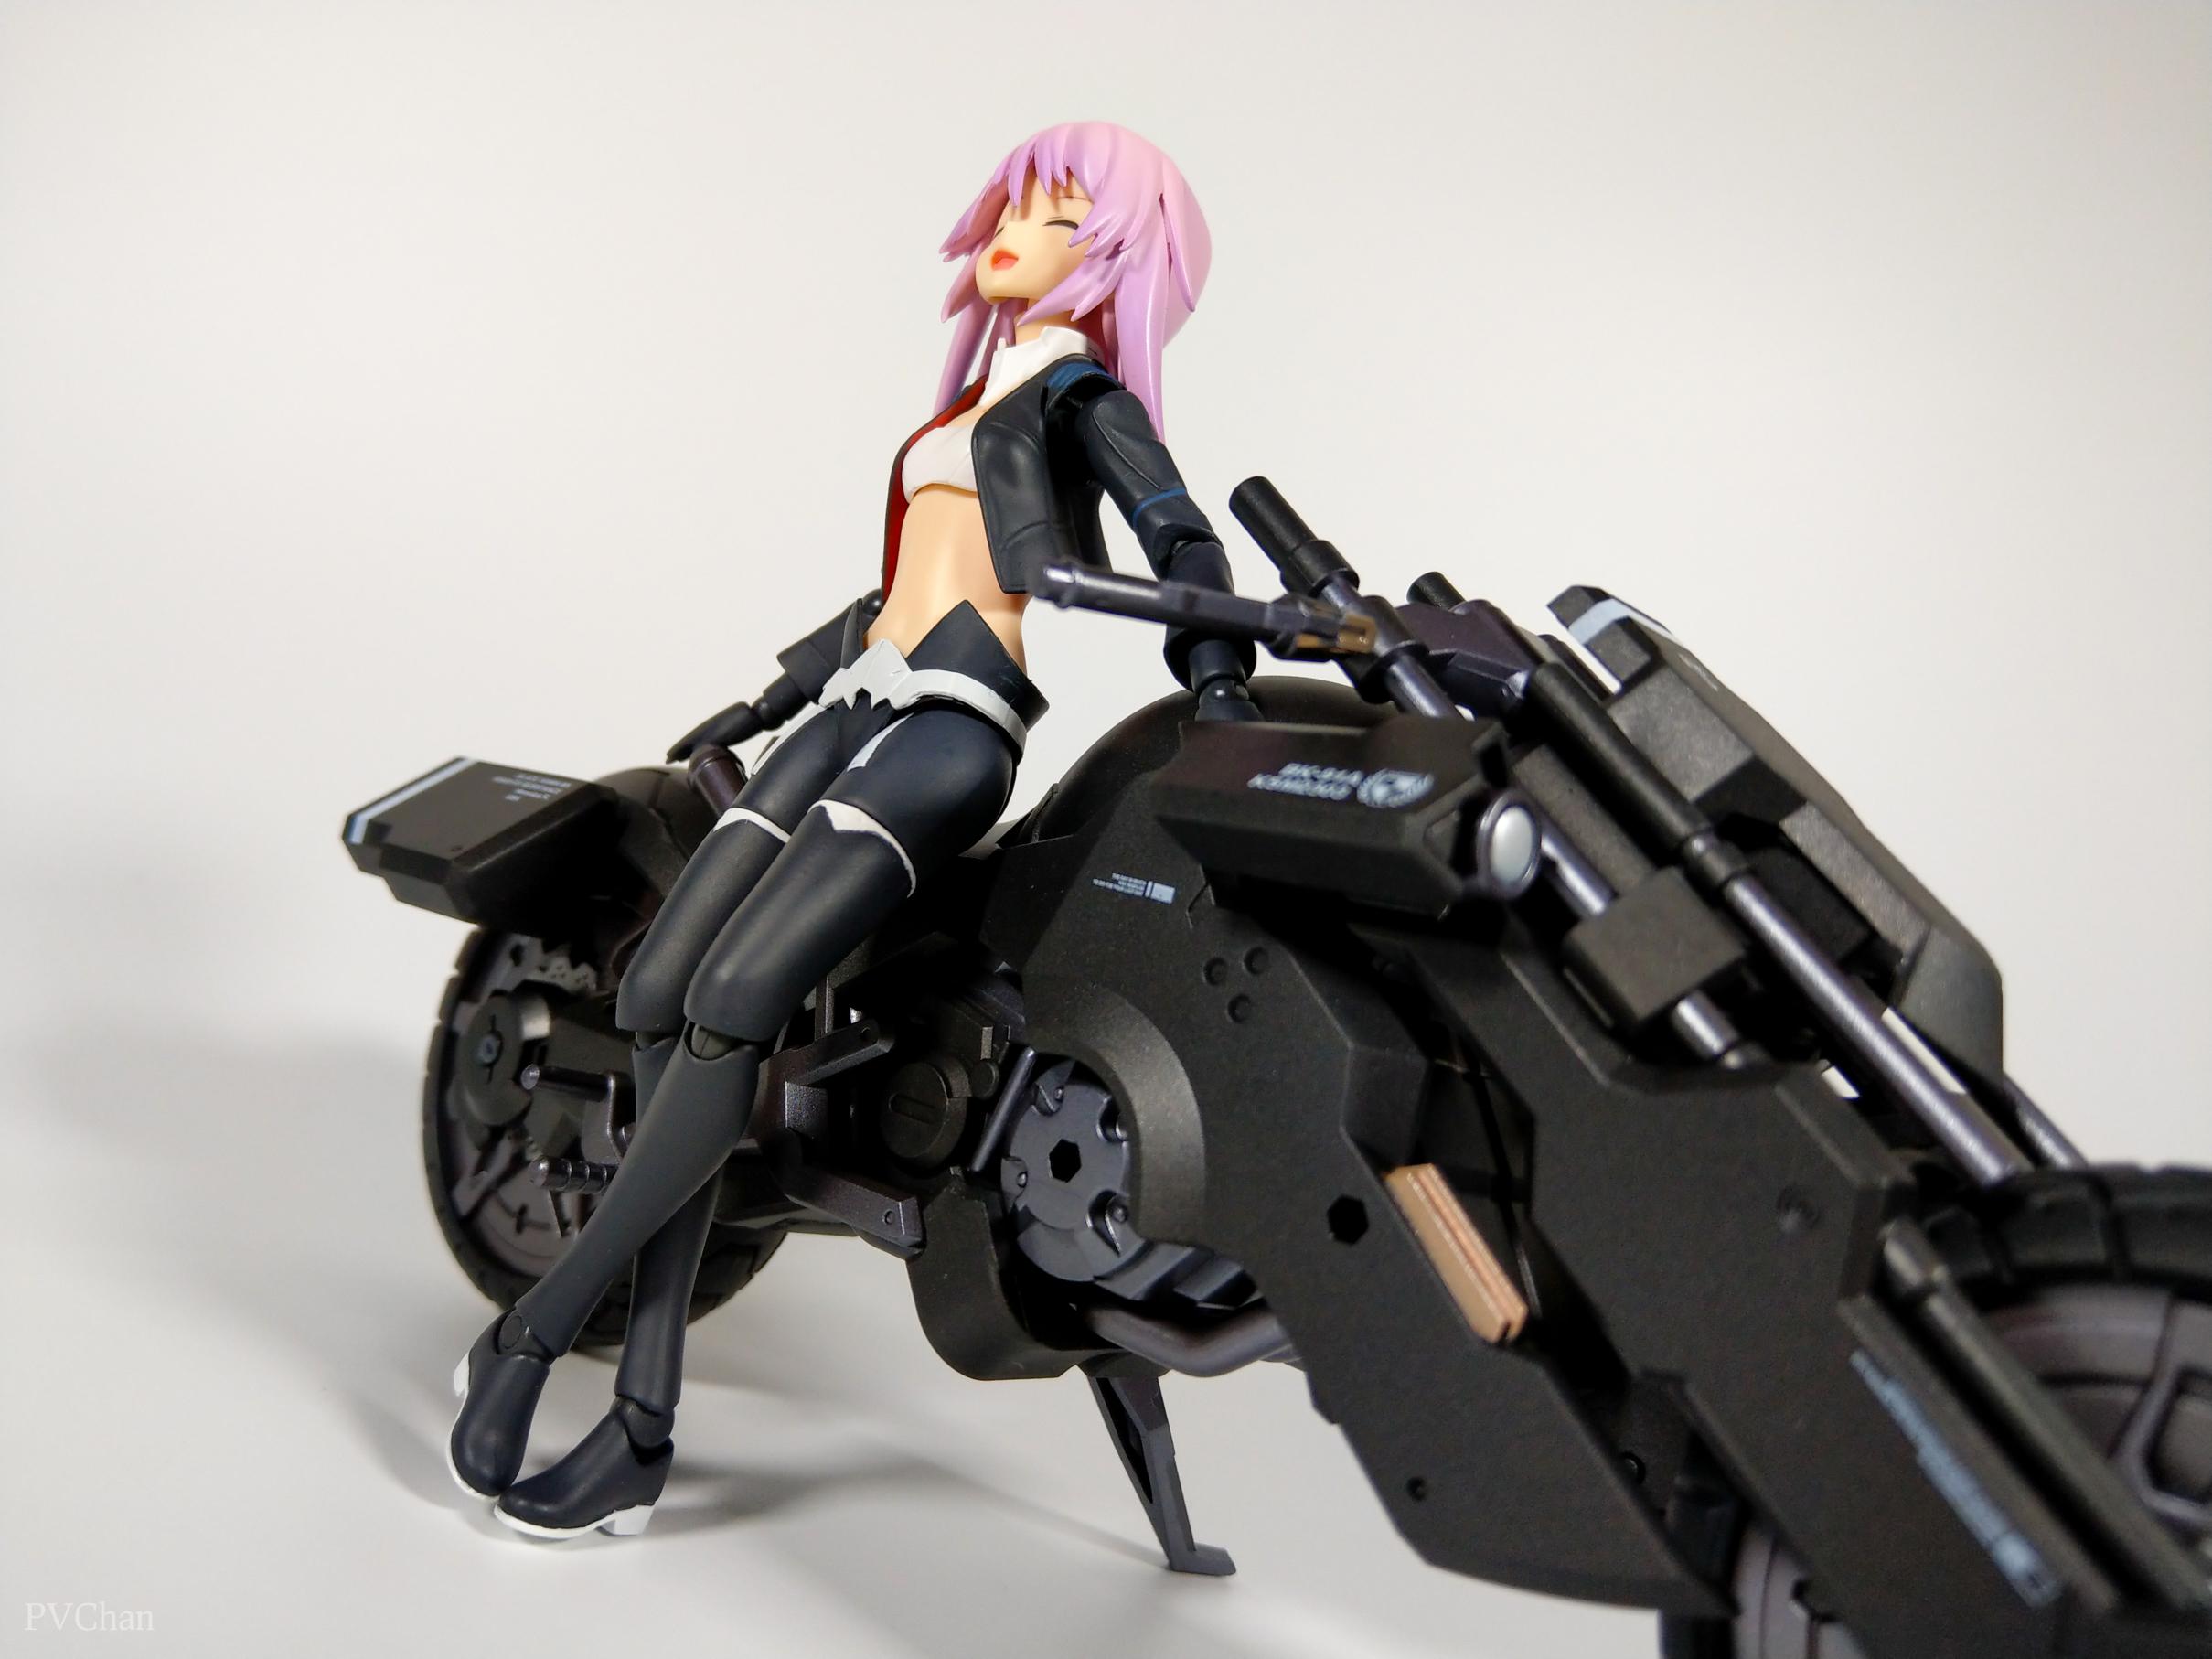 Необычное пополнение коллекции - байк из серии ex:ride от Max Factory. - Изображение 28